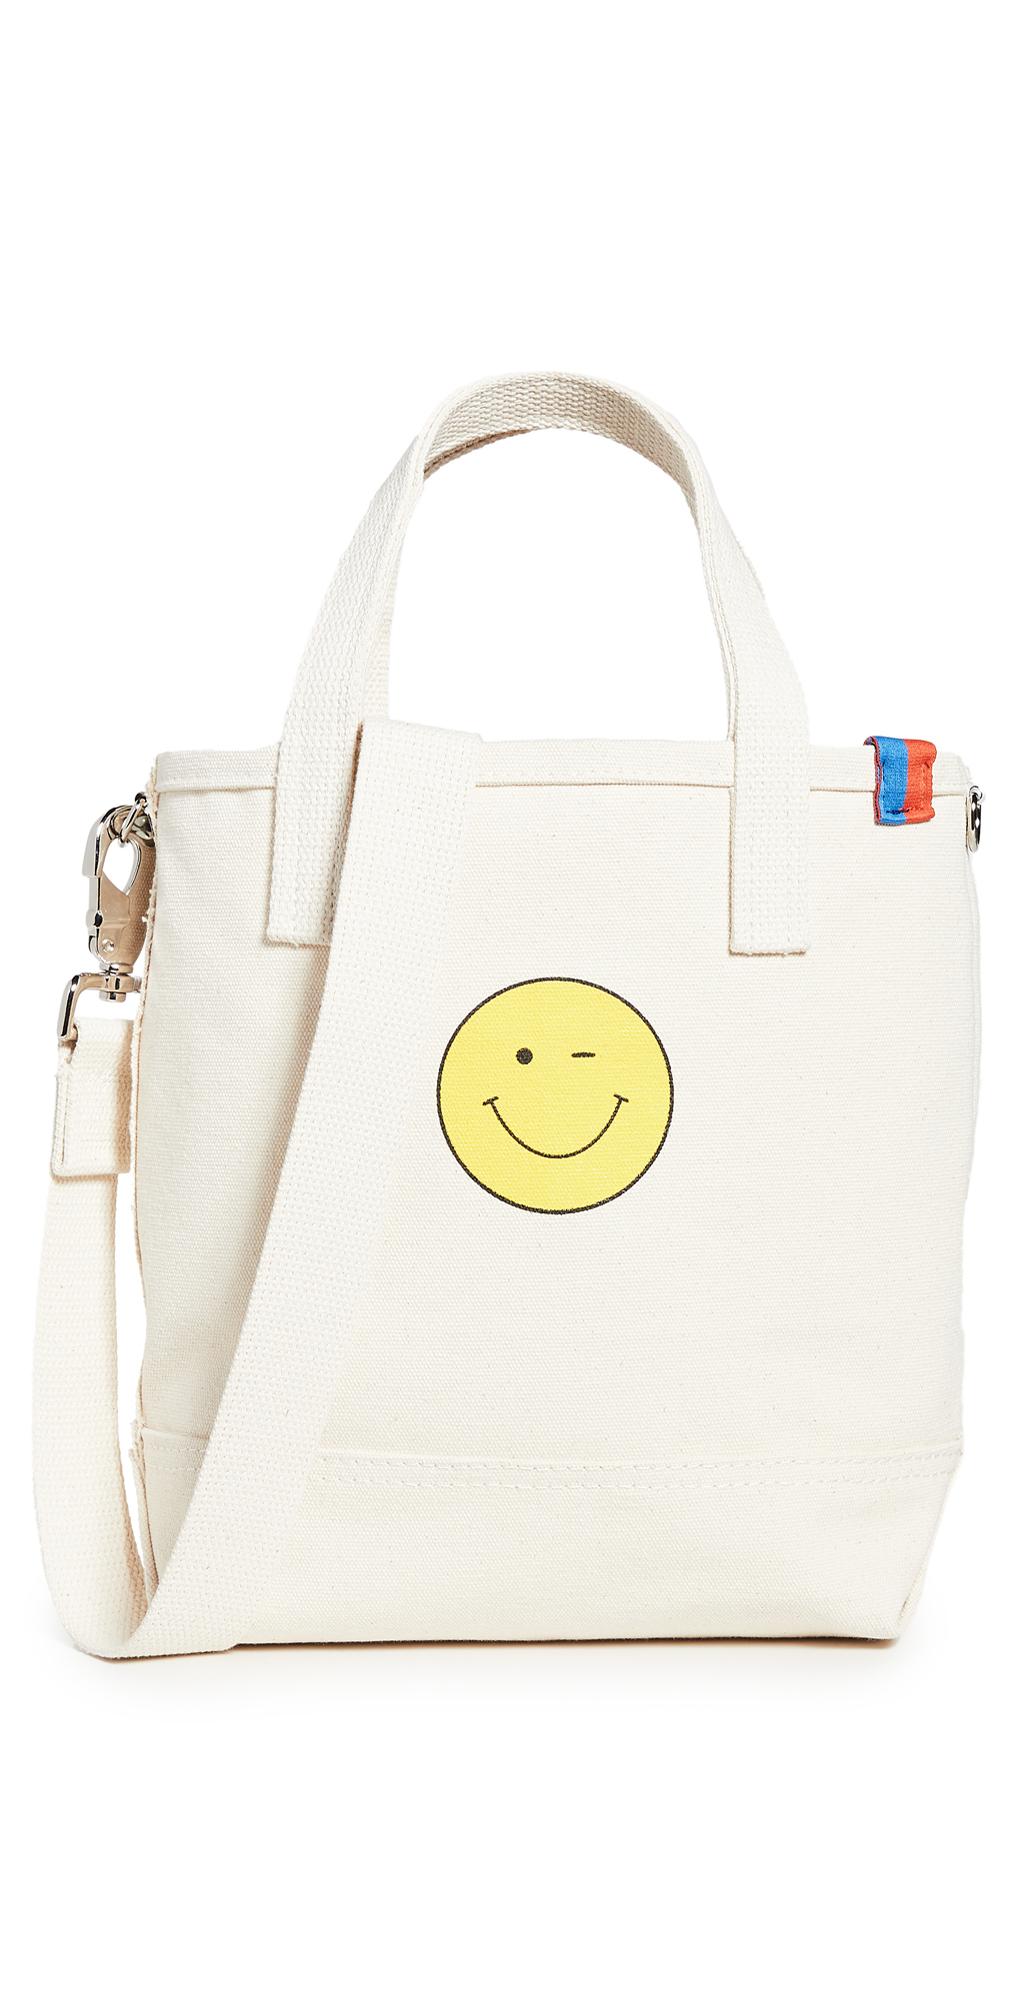 KULE The Winky Face Bucket Bag